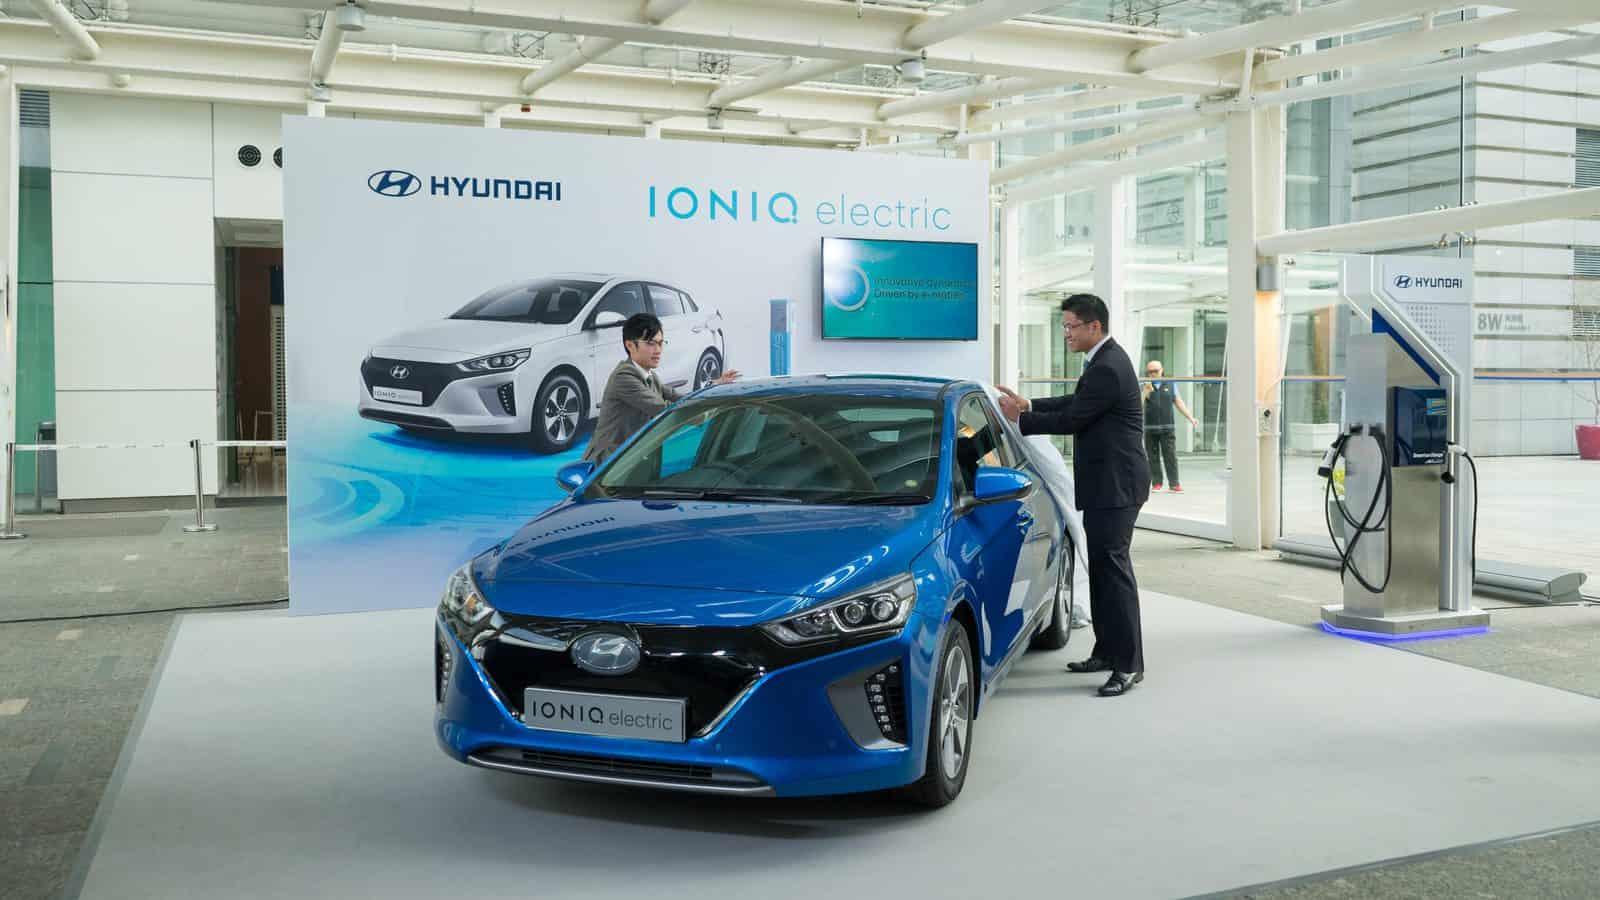 【報價】Hyundai IONIQ Electric 電動車香港售價 最高效電動車 + 安全煞車系統